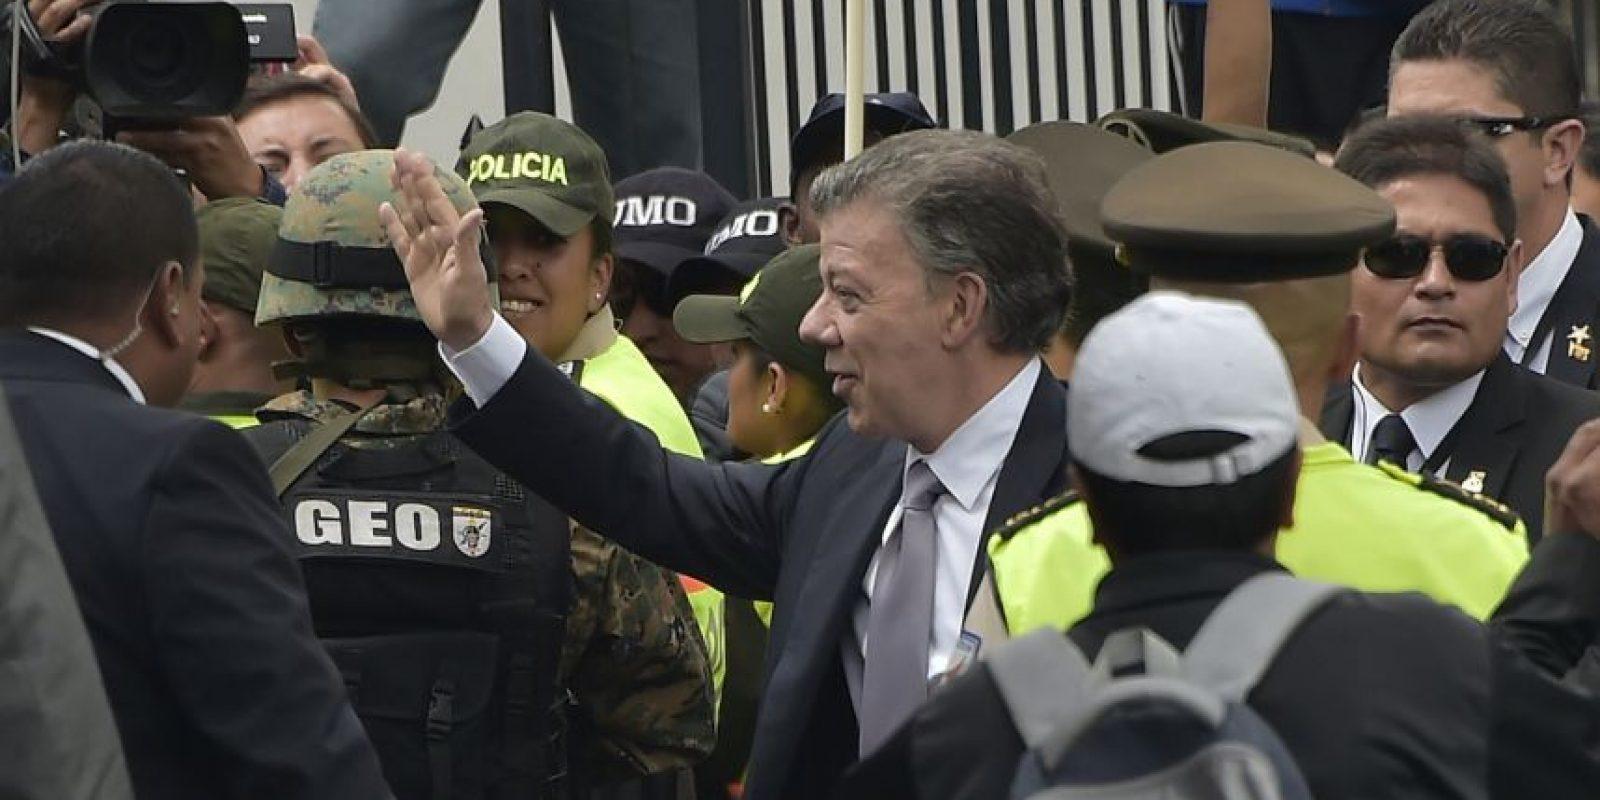 Previo al encuentro Santos había destacado que un punto importante era el mal trato que alegadamente se le daba a los colombianos. Foto:AFP